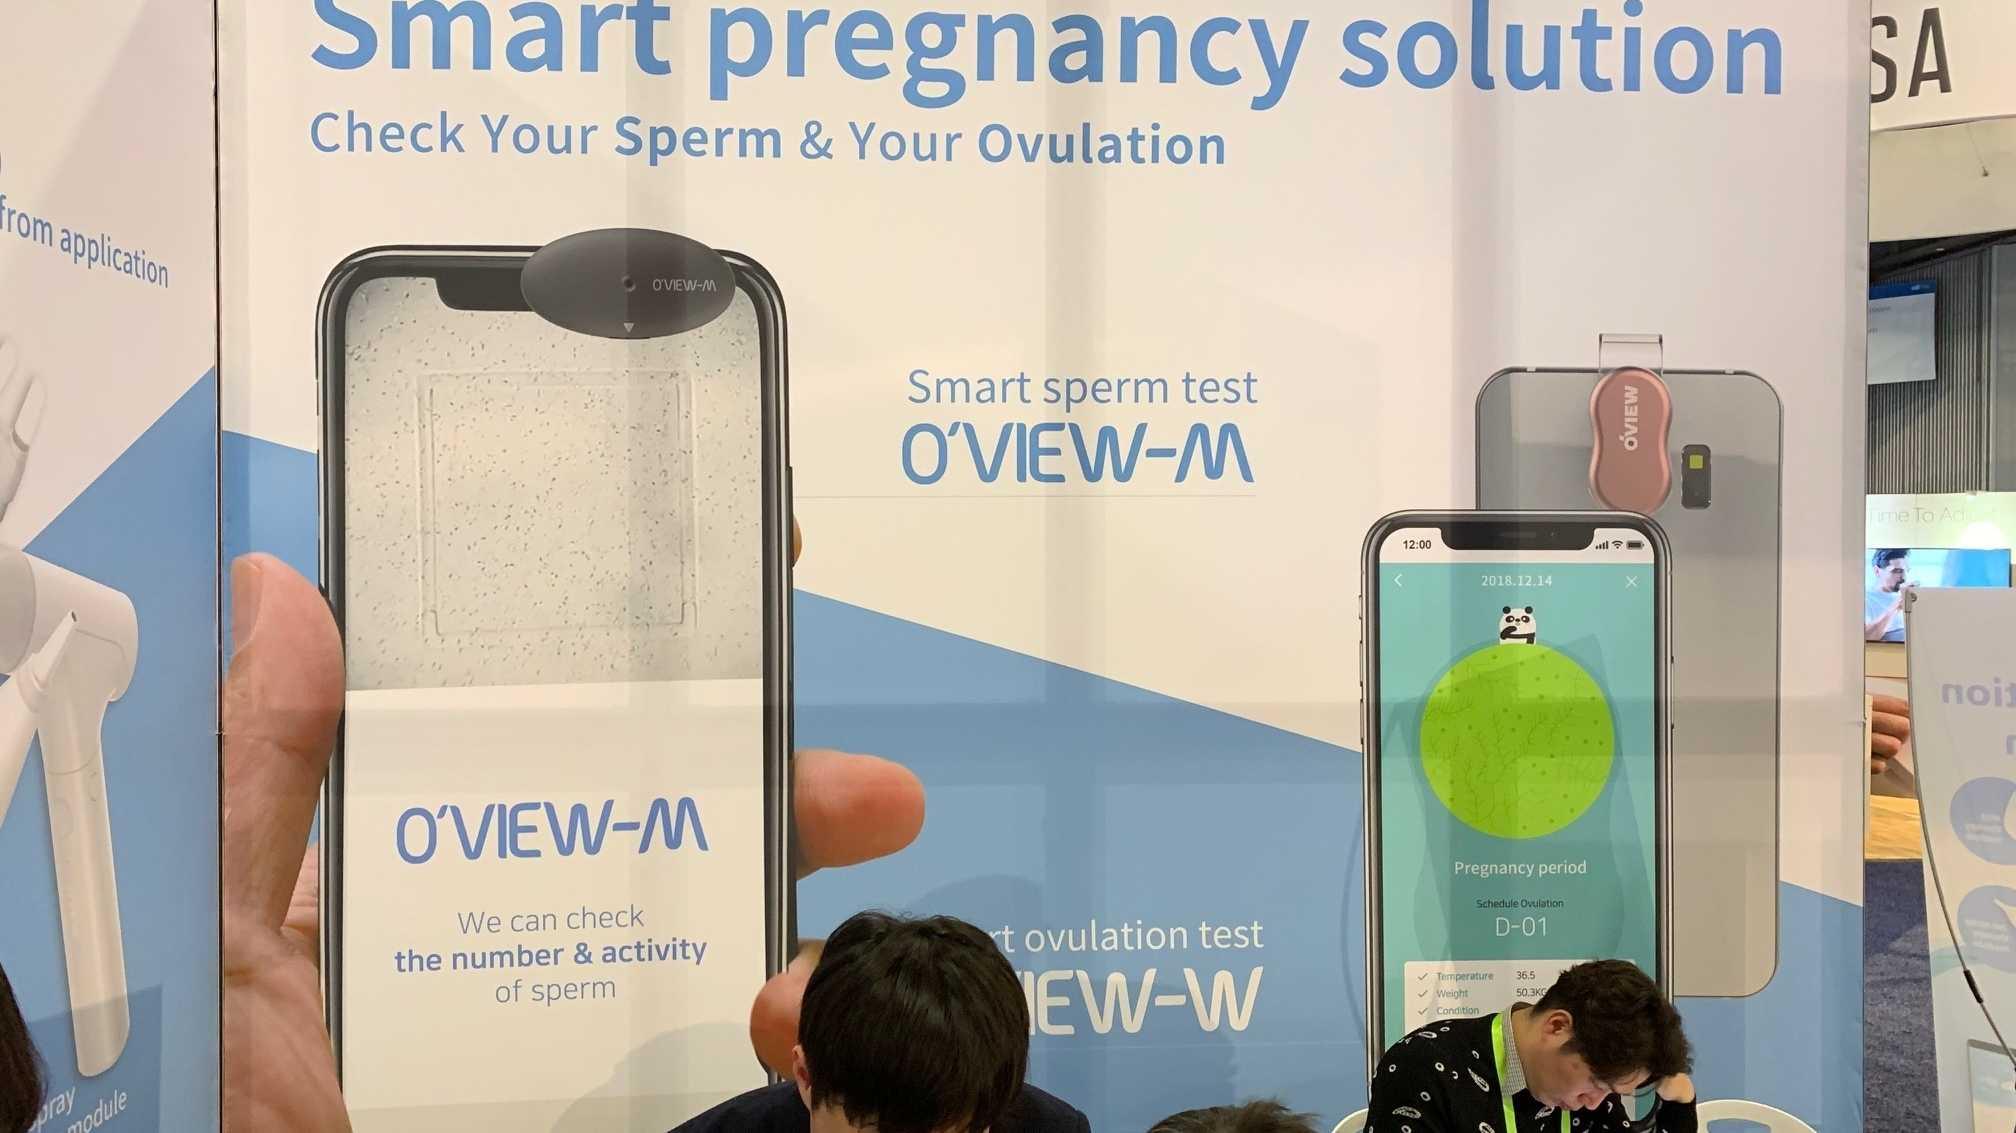 Smarte Fruchtbarkeitstests am Mobilgerät